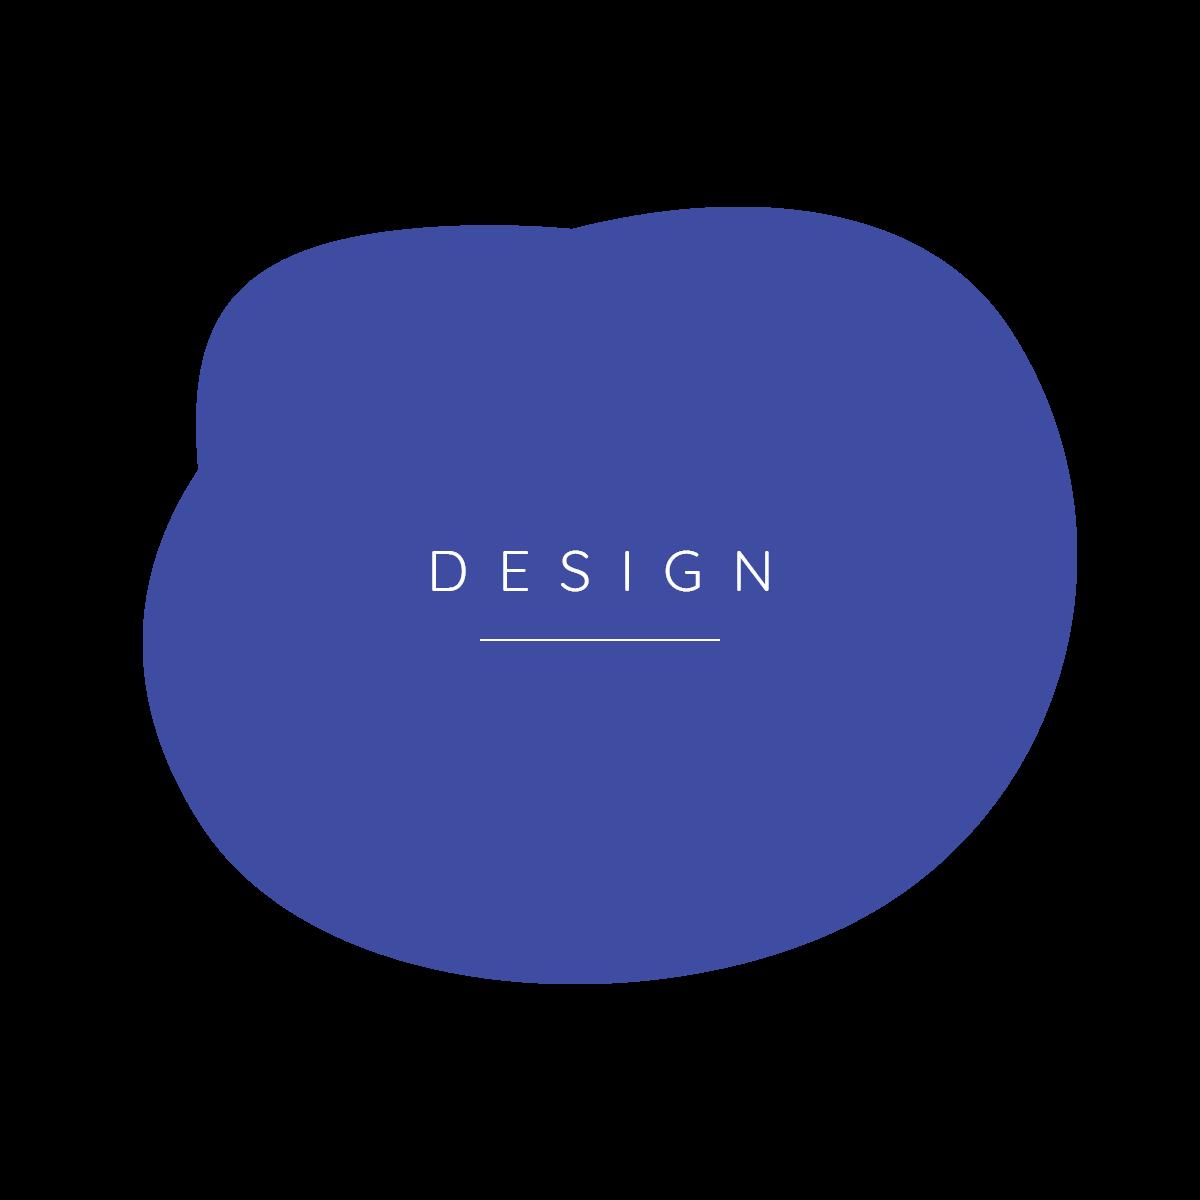 Design_Header